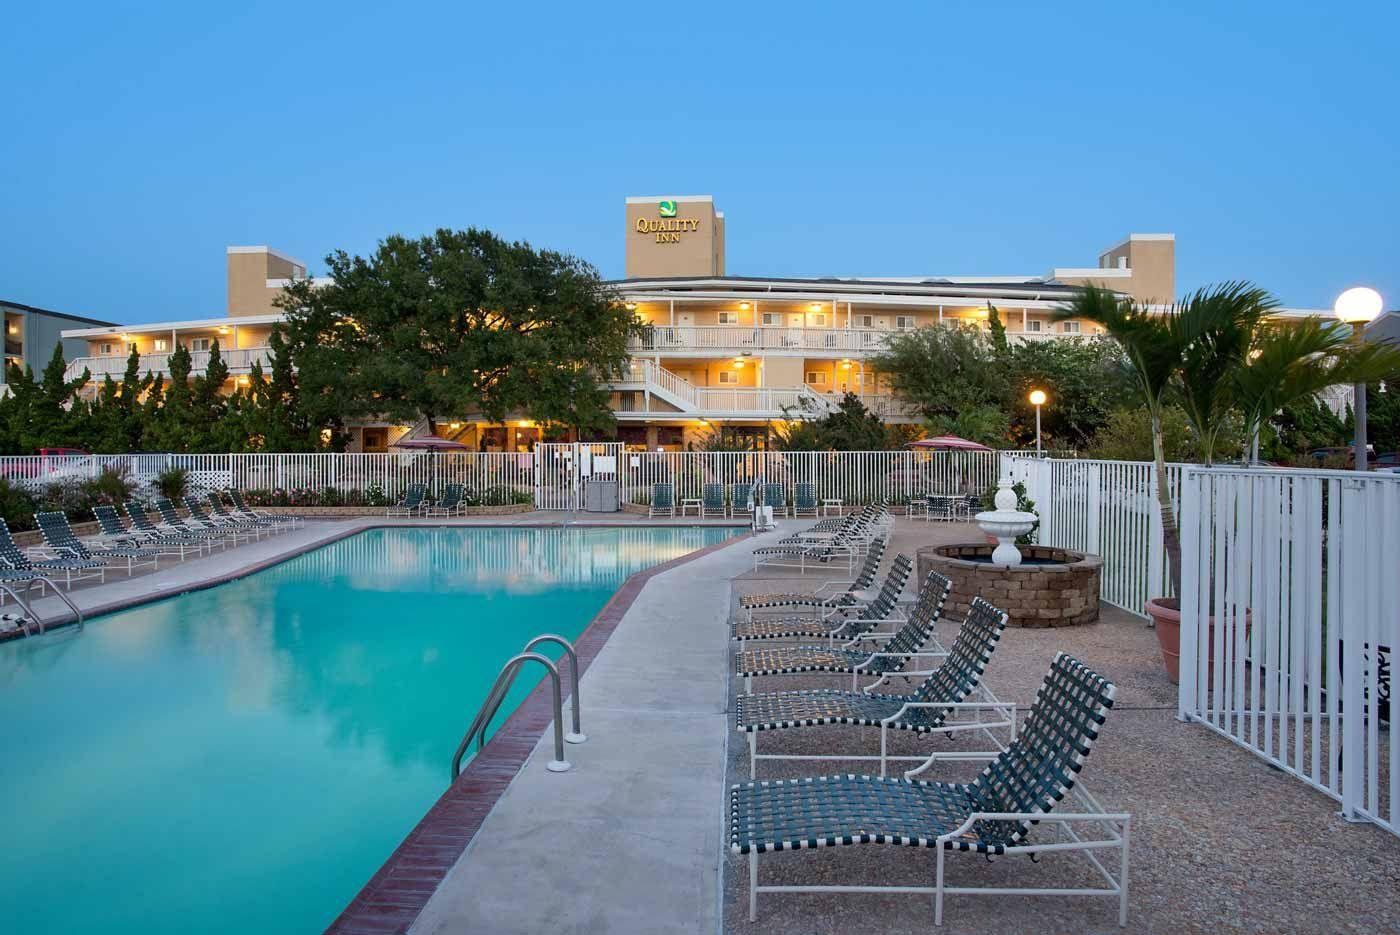 Quality Inn Oceanfront Ocean City Md Ocean City Md Hotels Ocean City Ocean City Maryland